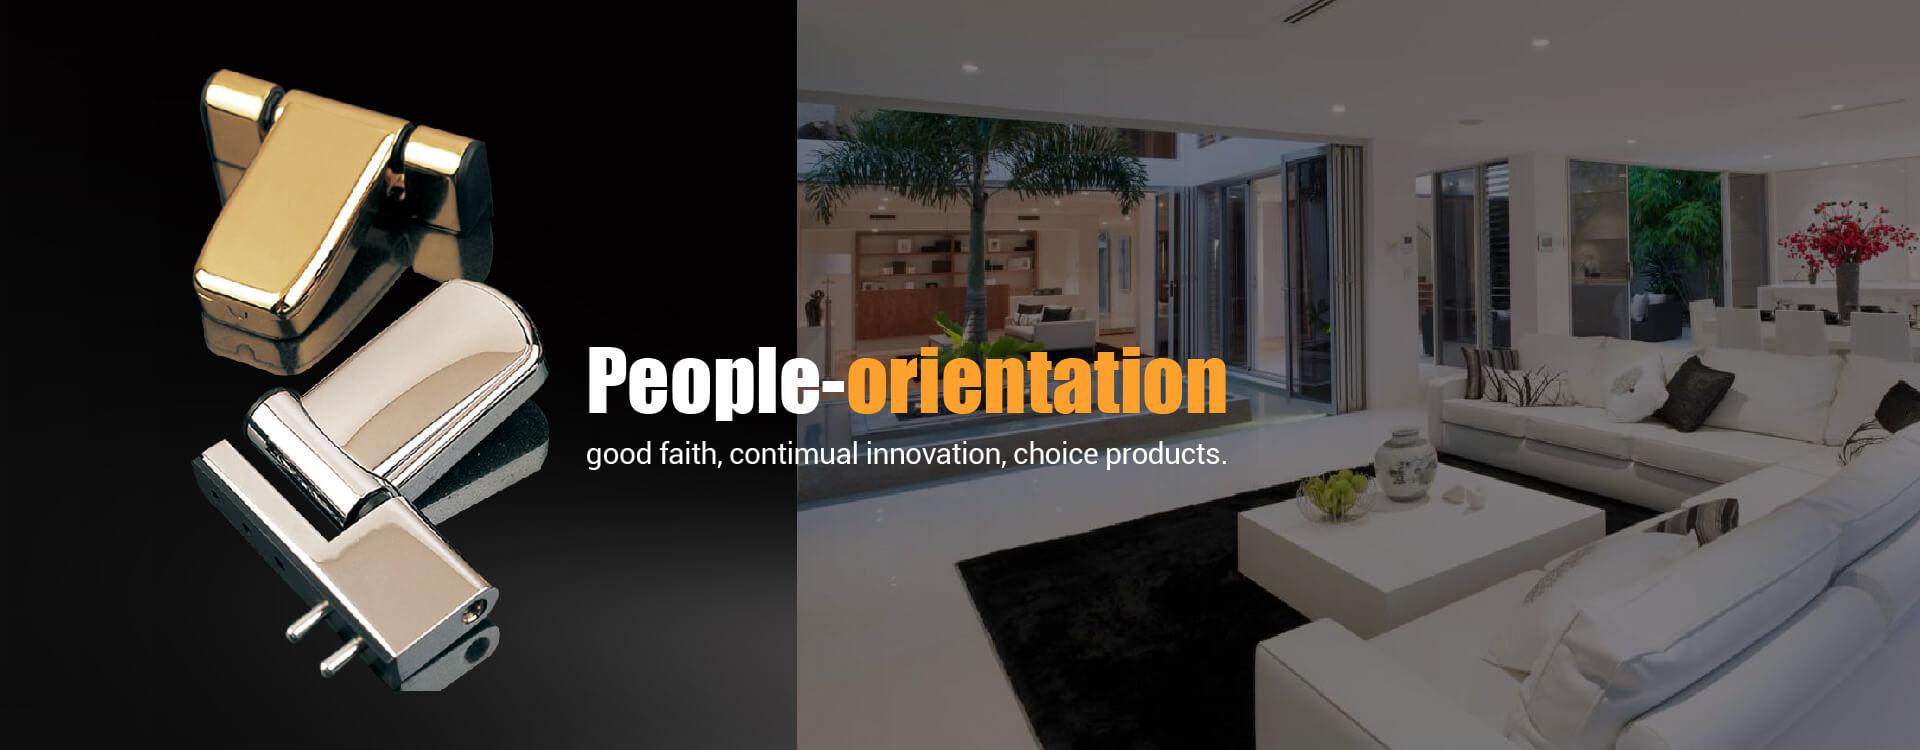 Orientation des personnes, bonne foi, innovation continue, produits de choix